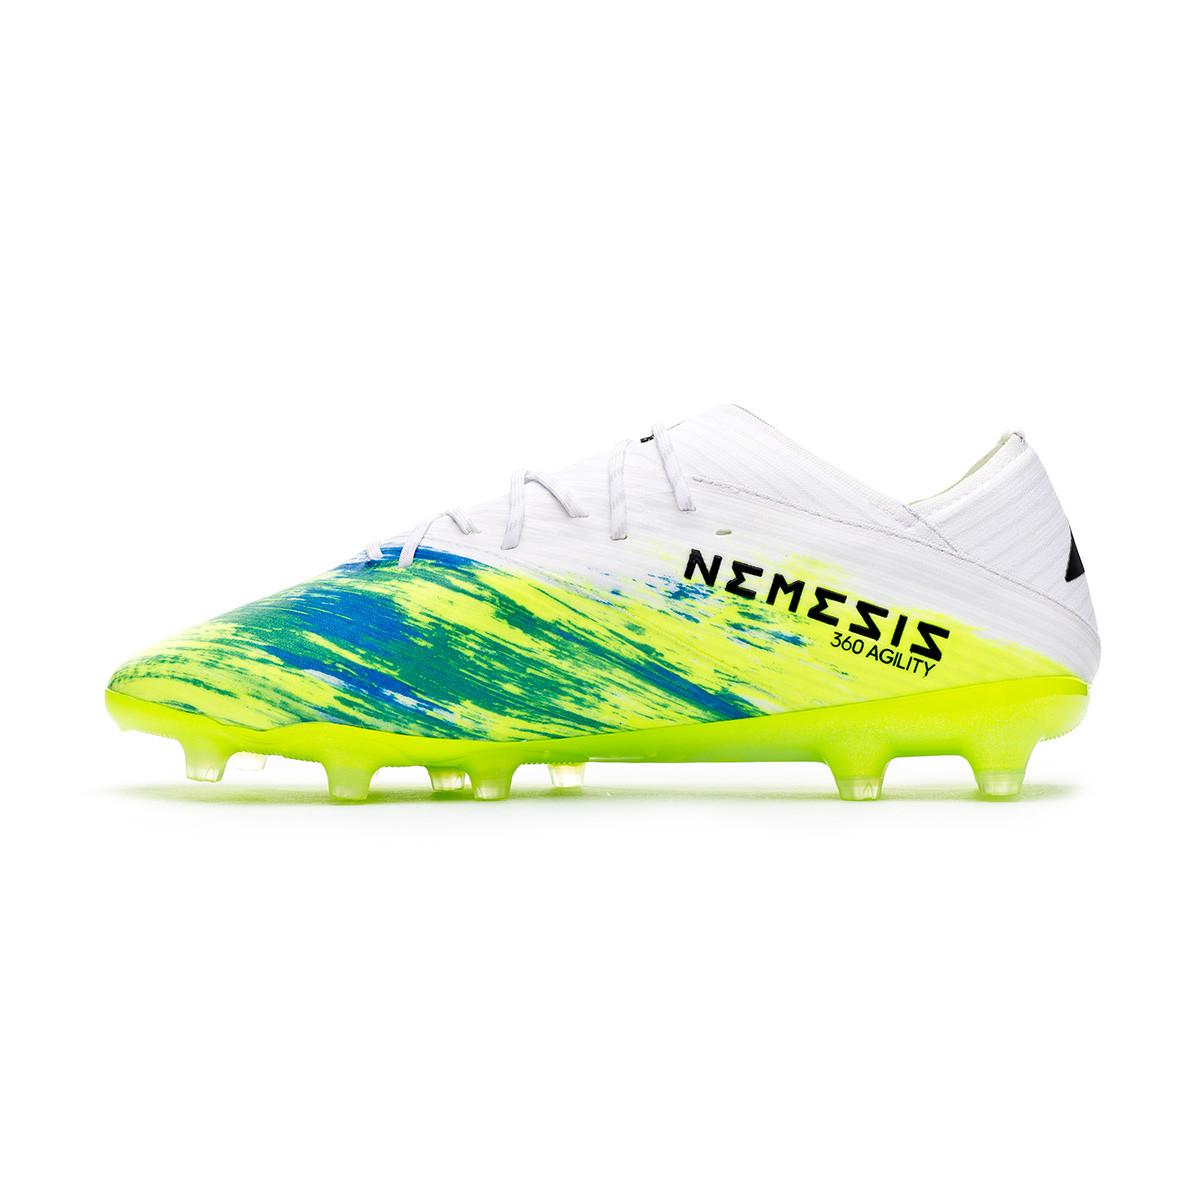 Football Boots adidas Nemeziz 19.1 AG